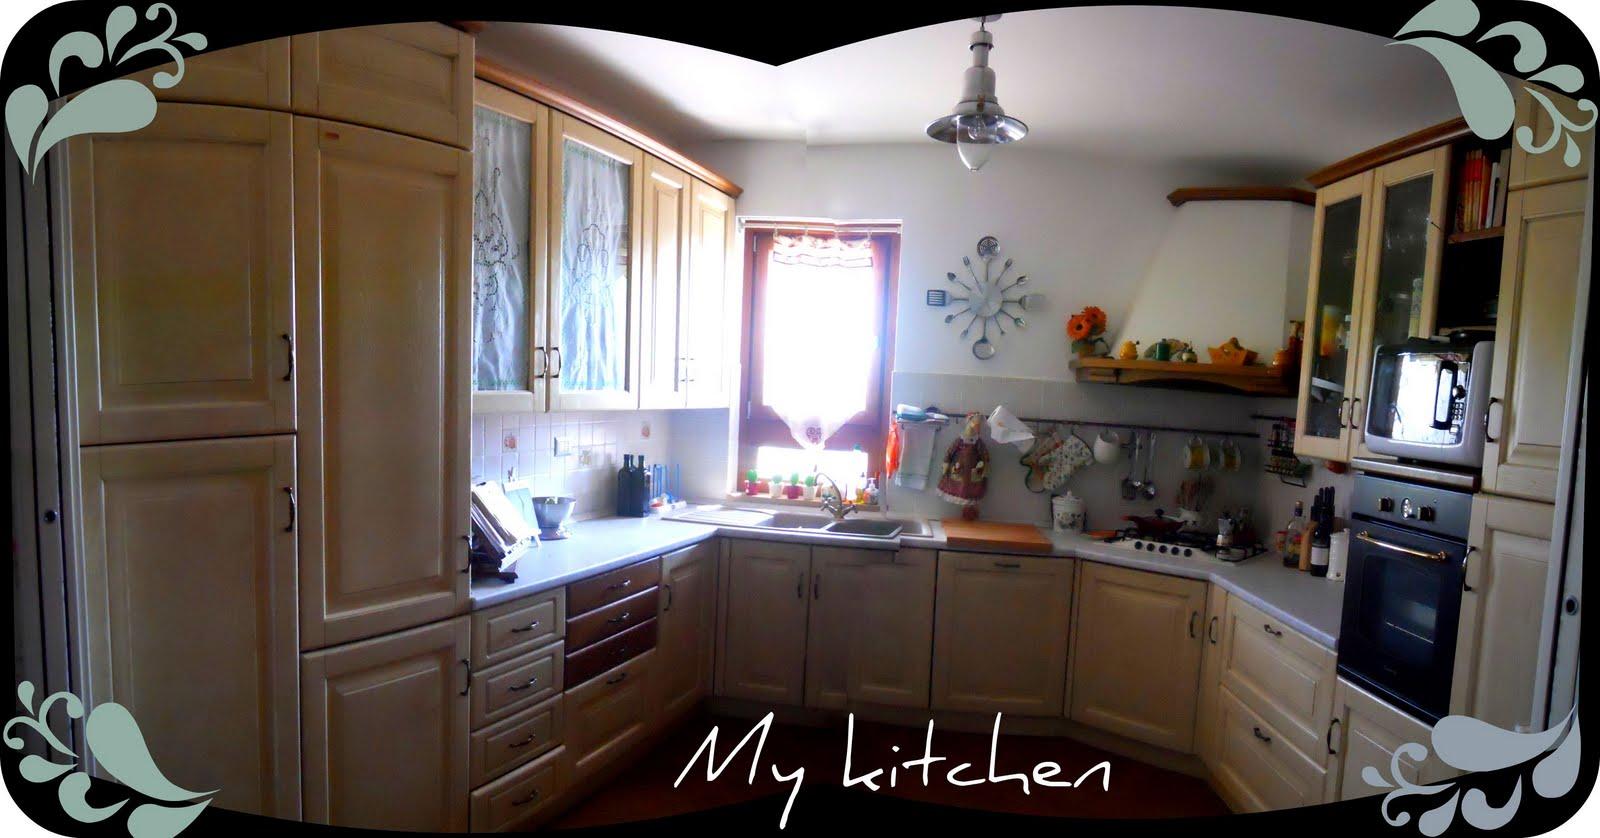 Apple pie and shabby style la mia cucina - Cucina a ferro di cavallo ...